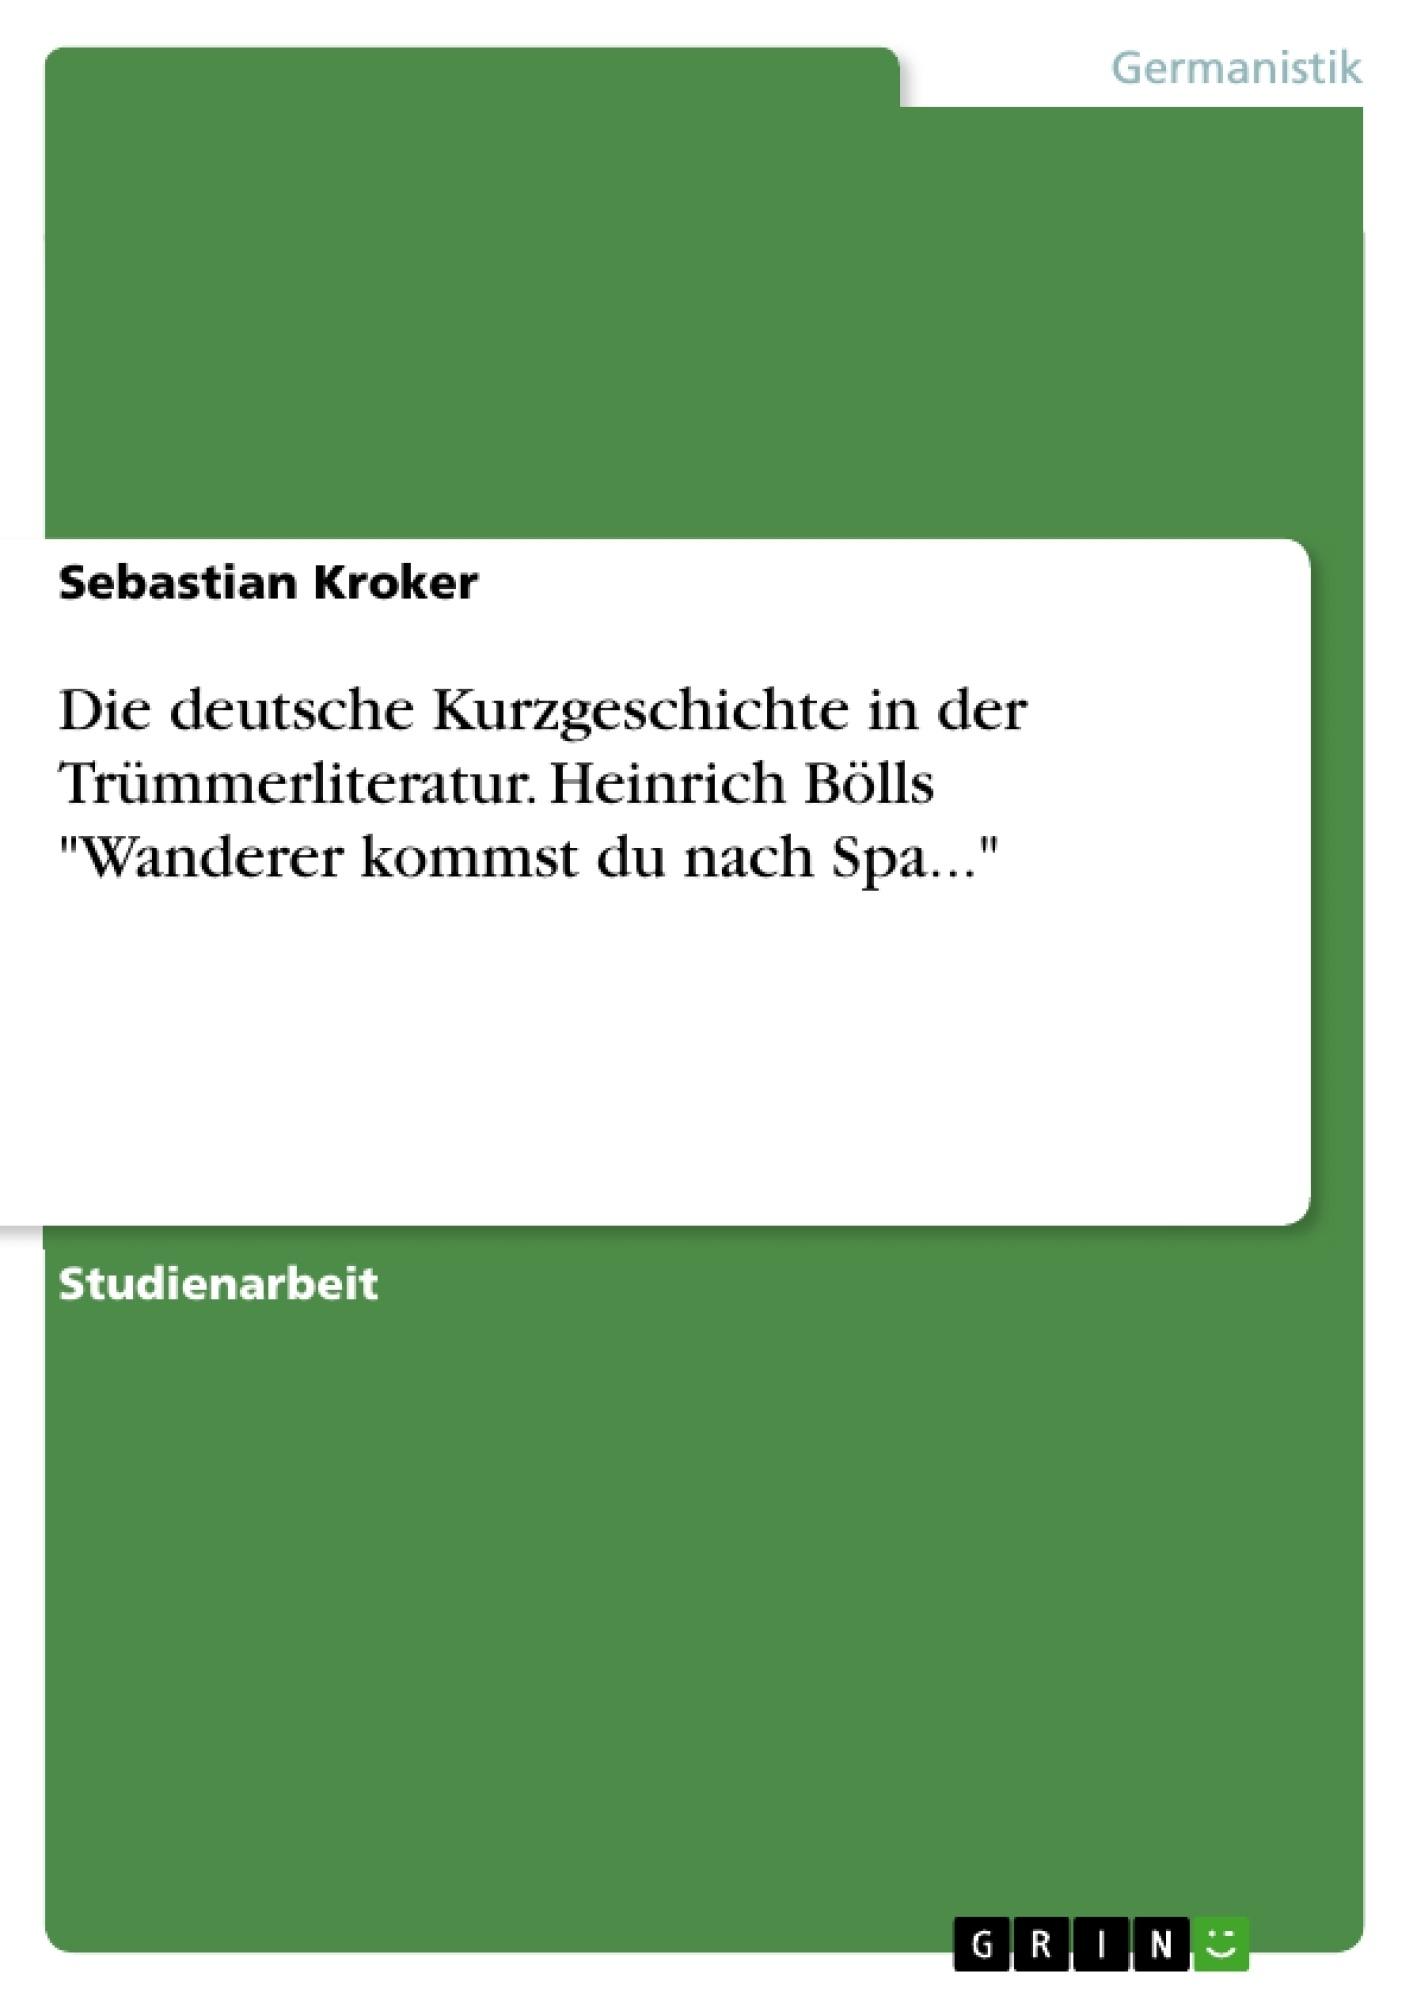 """Titel: Die deutsche Kurzgeschichte in der Trümmerliteratur. Heinrich Bölls """"Wanderer kommst du nach Spa..."""""""